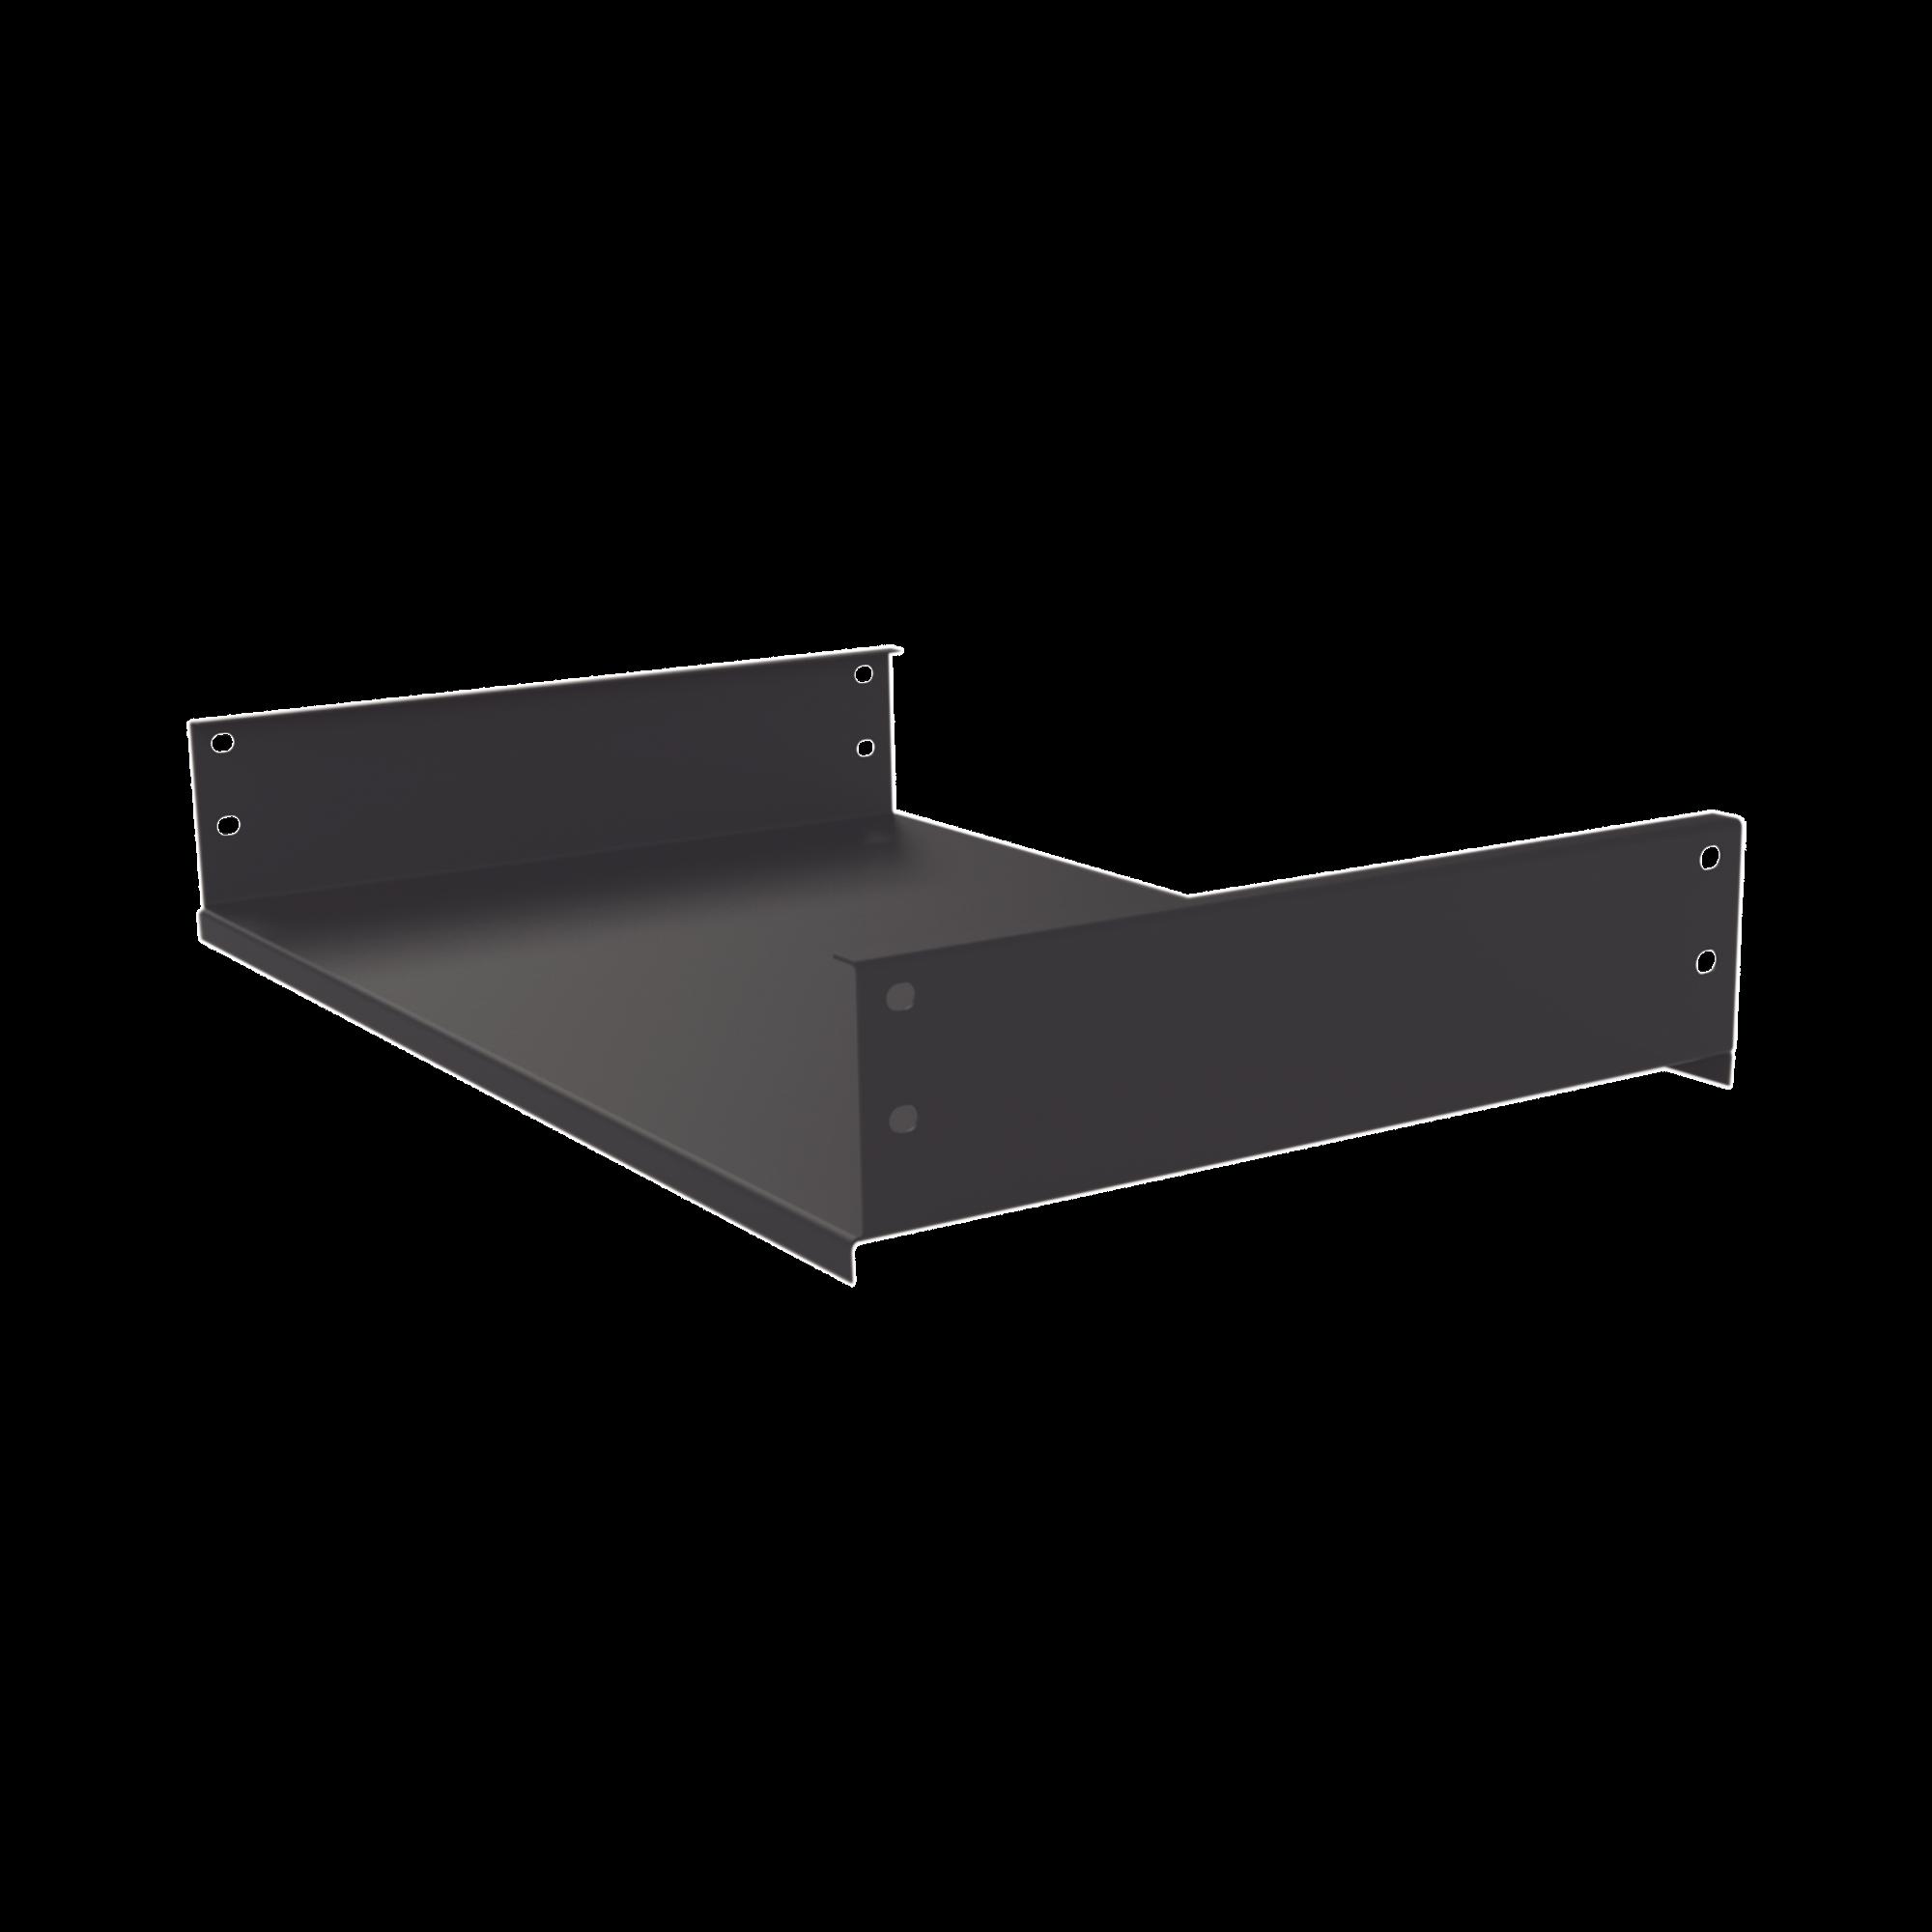 Charola Fija de Sujeción Lateral, 30 cm de Profundidad, 2U. Compatible con LP-6060-XX-UR2